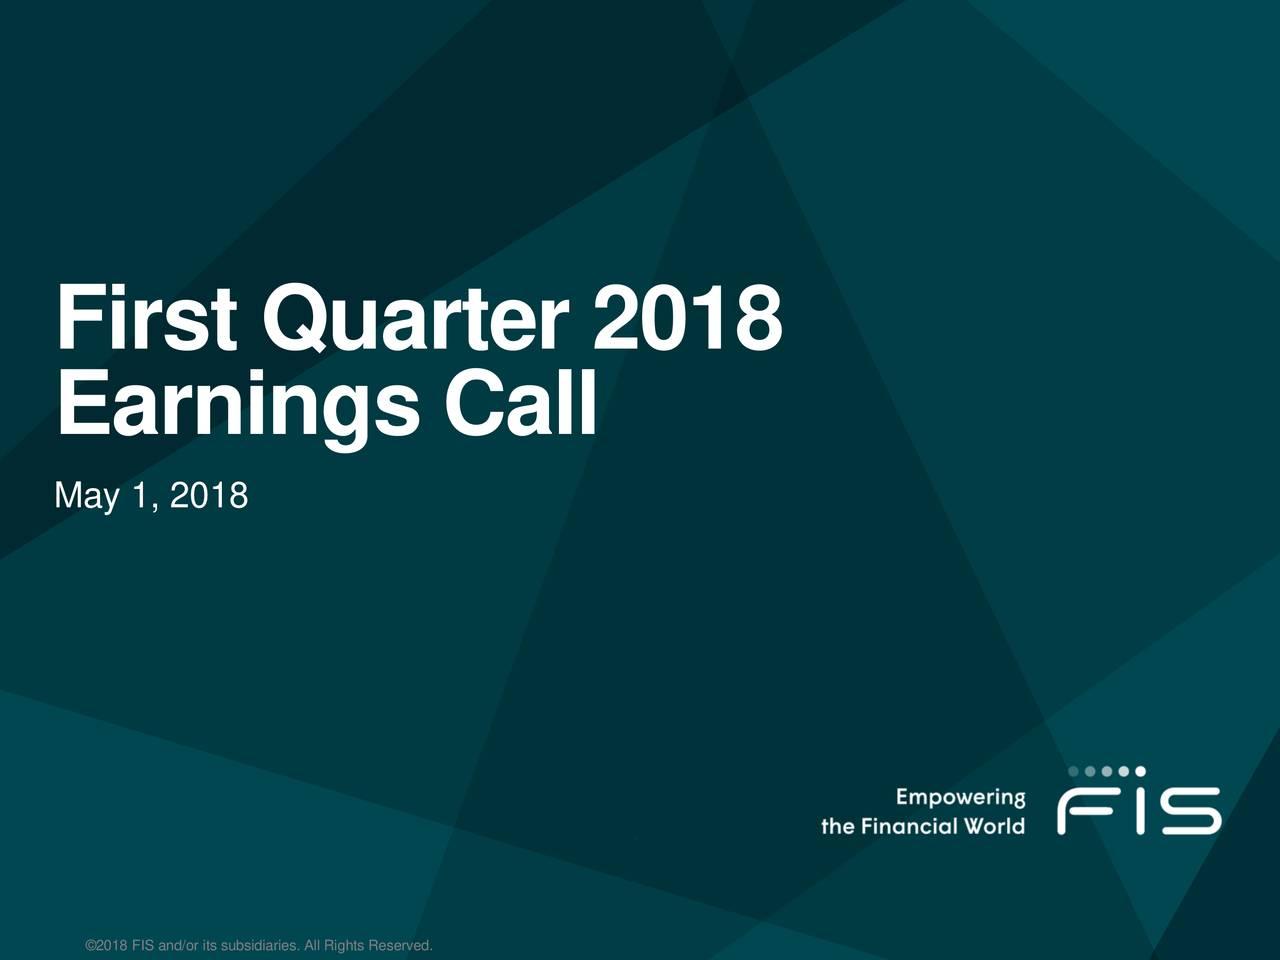 First Quarter 2018